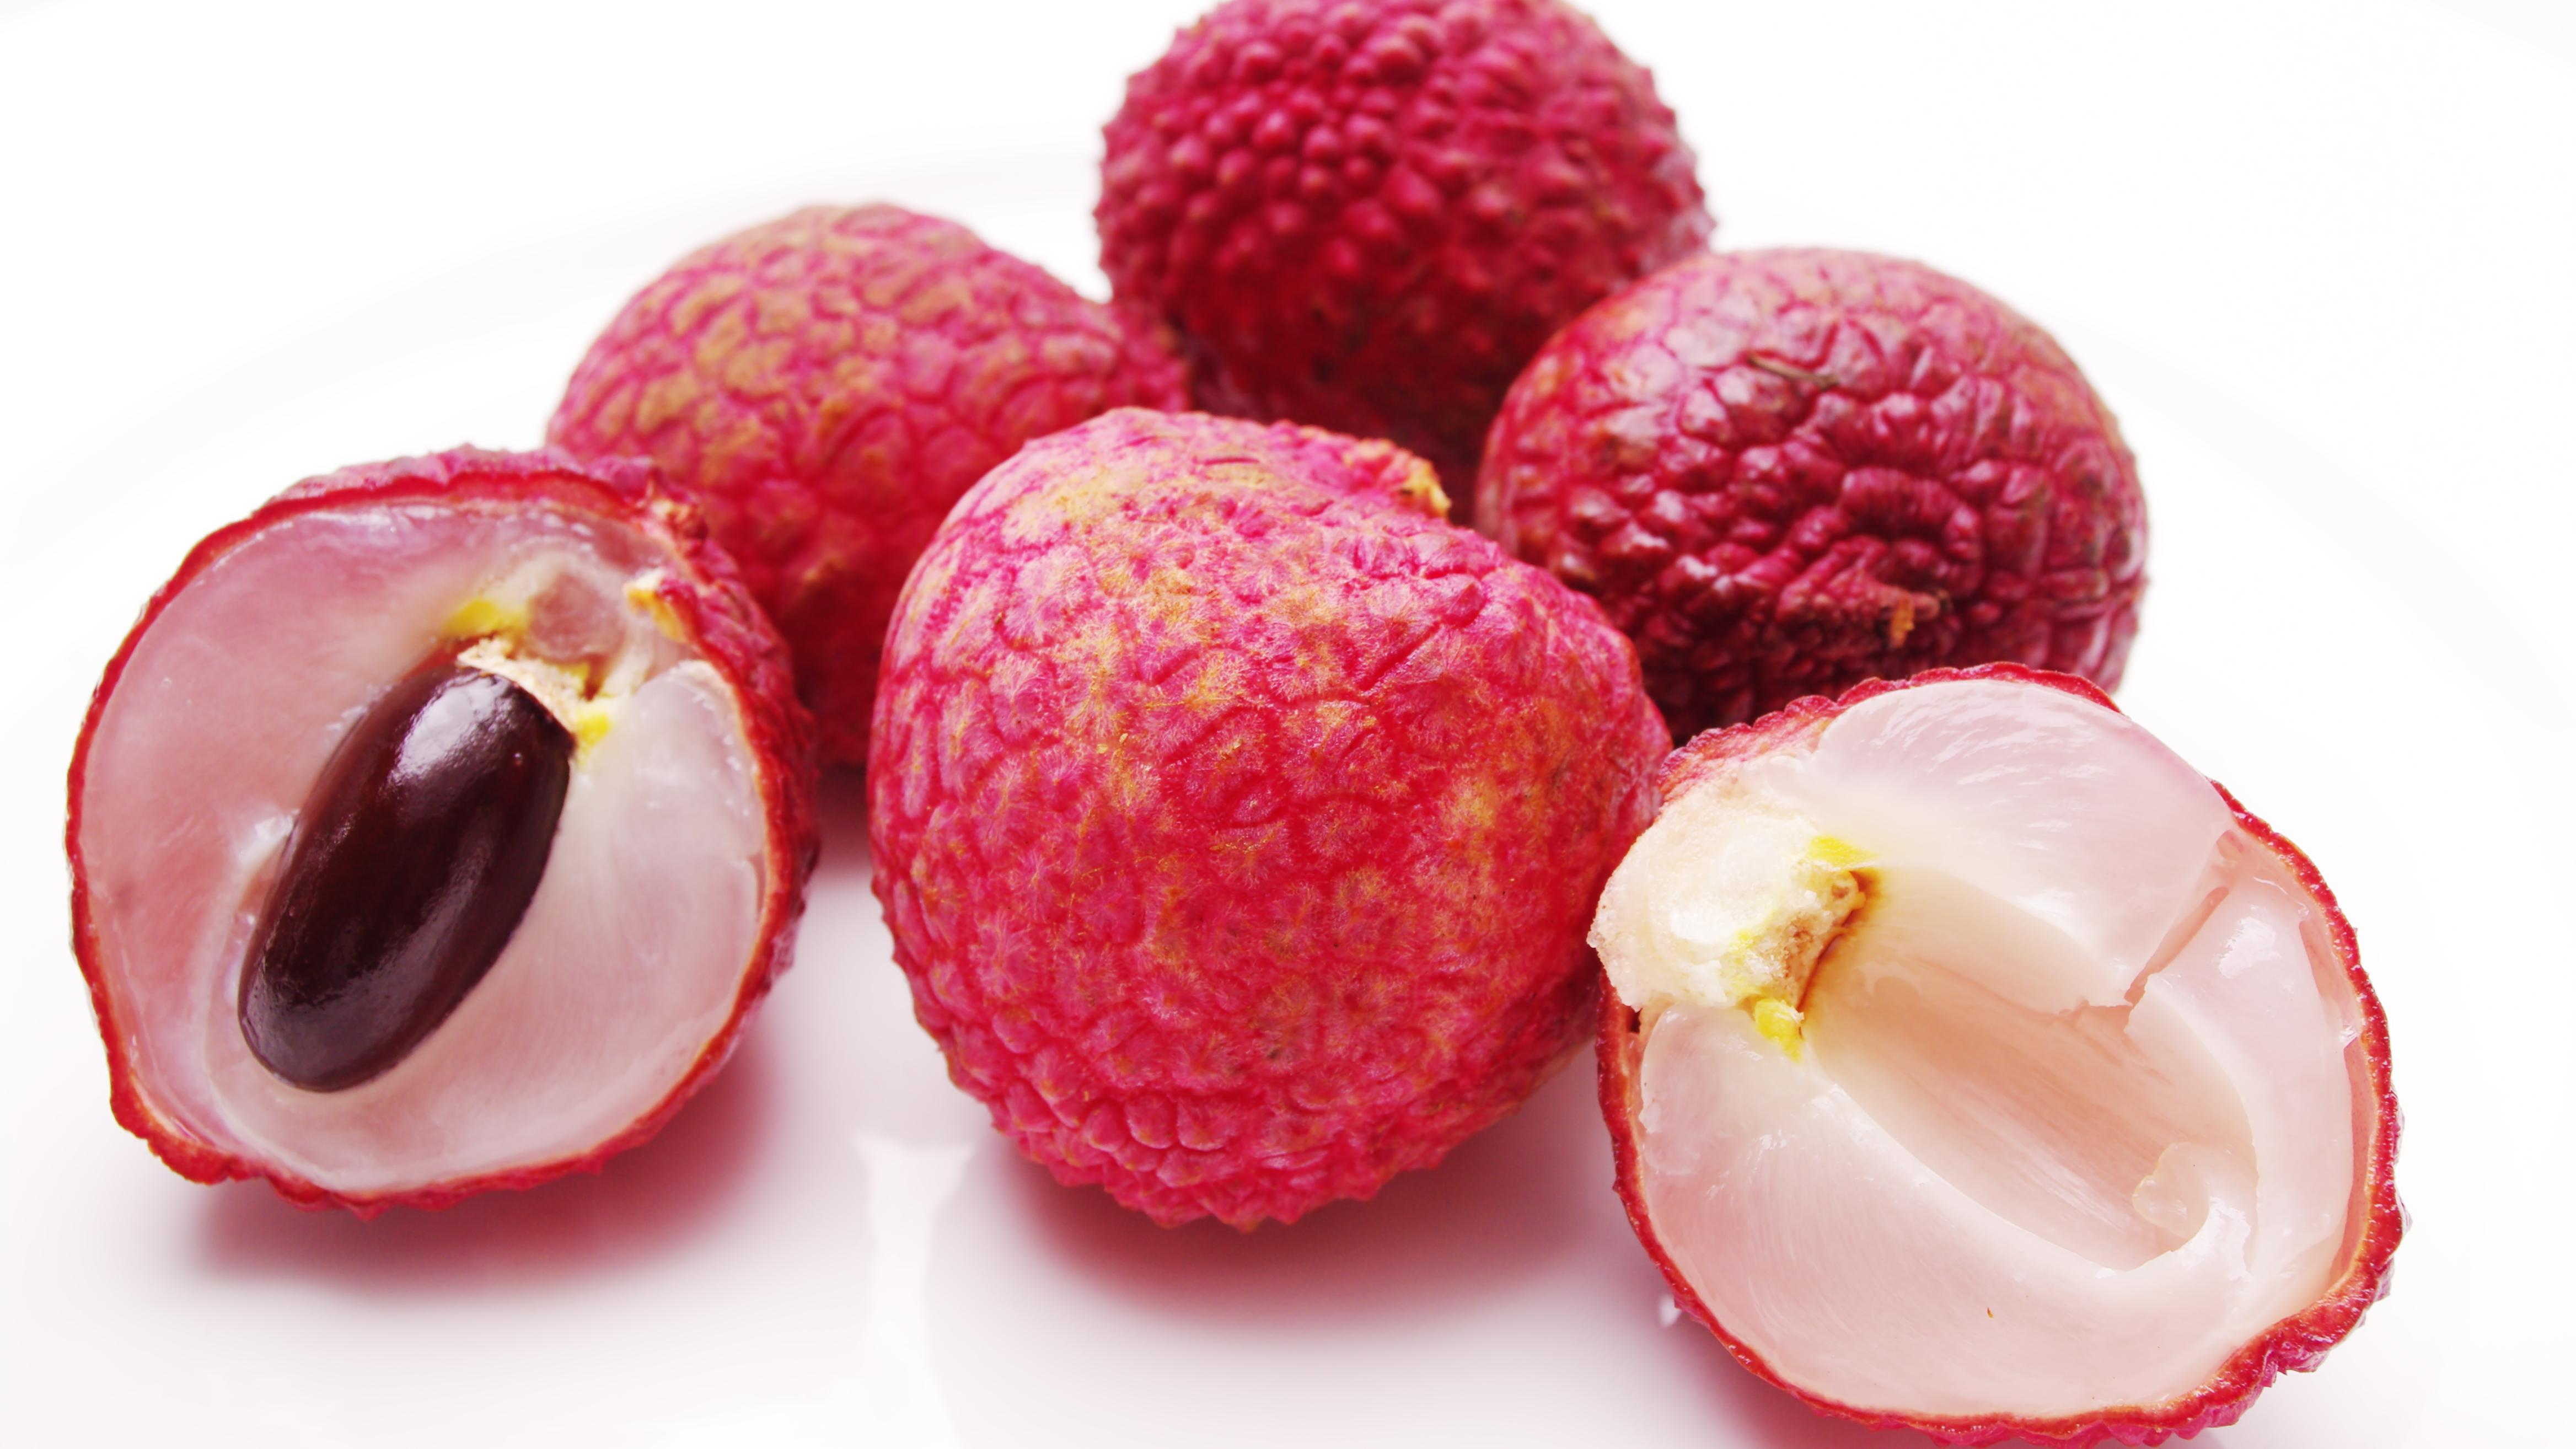 Wie schmecken Litschis? Reife Litschis haben einen fruchtigen, süßen Geschmack, der leicht an Rosen erinnert.